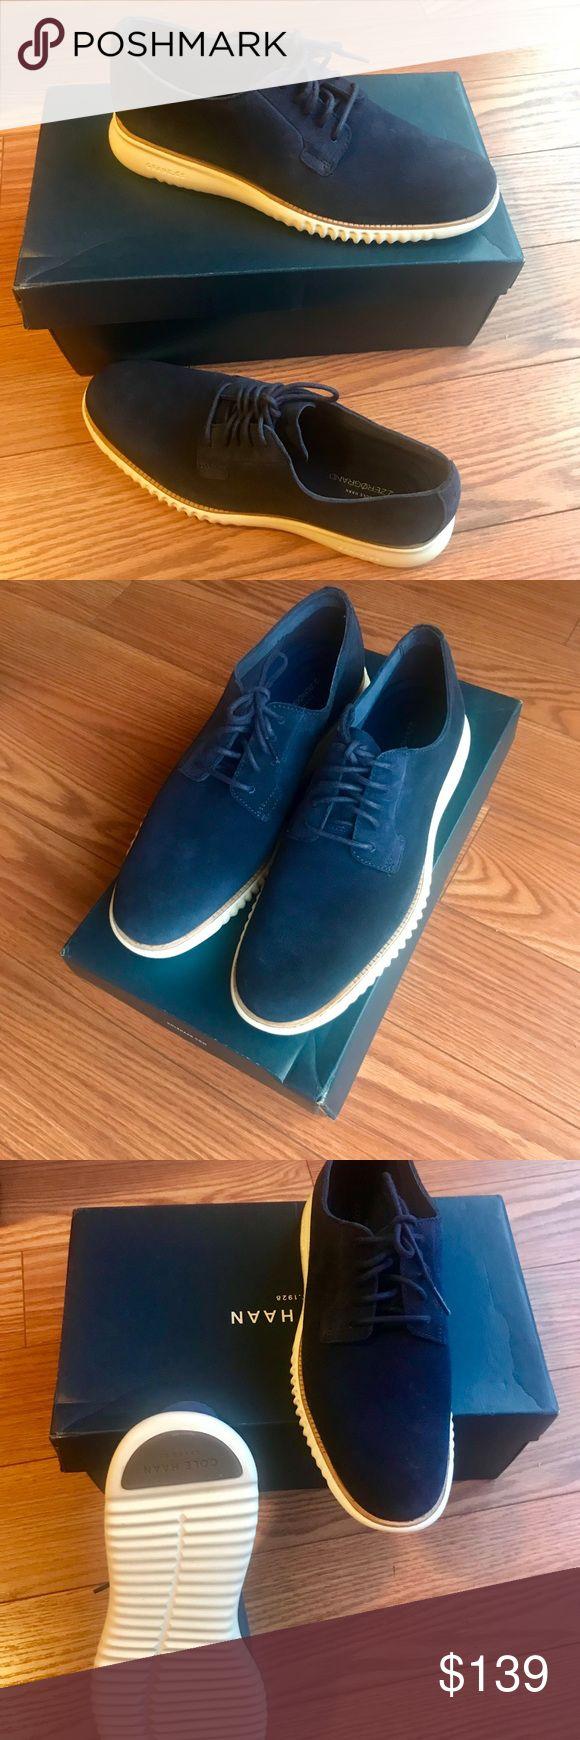 ❄️Cole Hann❄️ blue size 10 Men's shoes NWT Brand new Cole Hann size 10 shoes. Cole Haan Shoes Chukka Boots